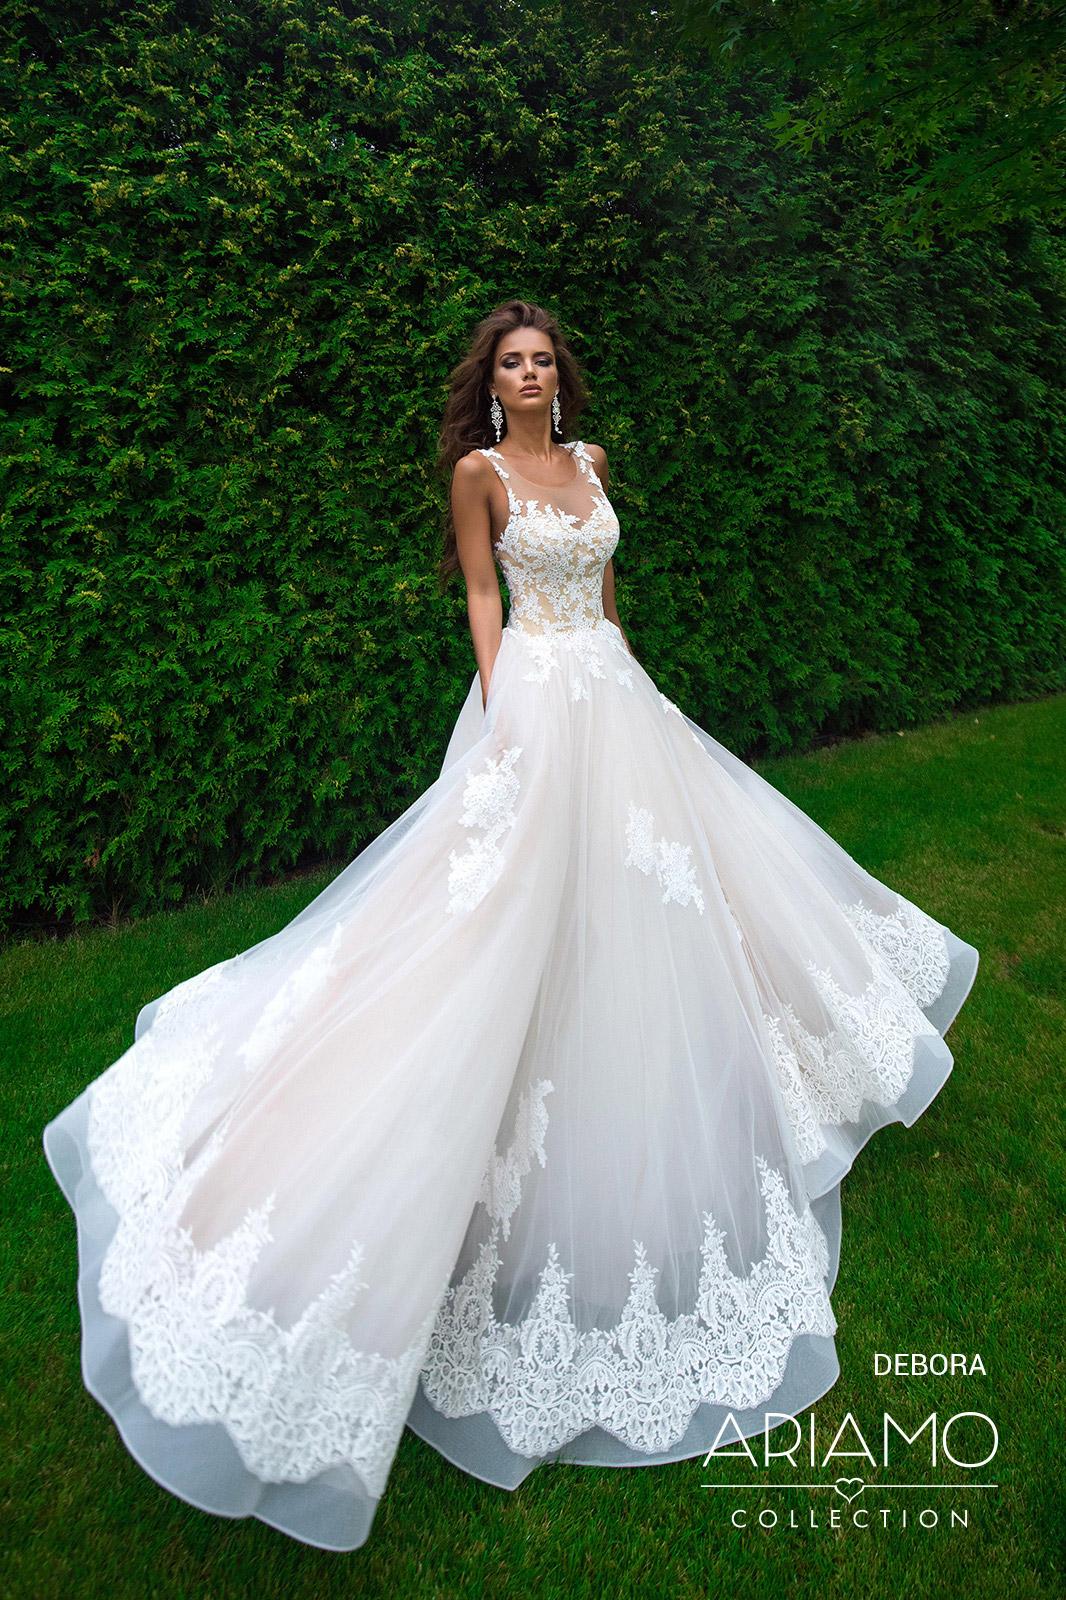 94981f982016 Svadobné šaty - Debora